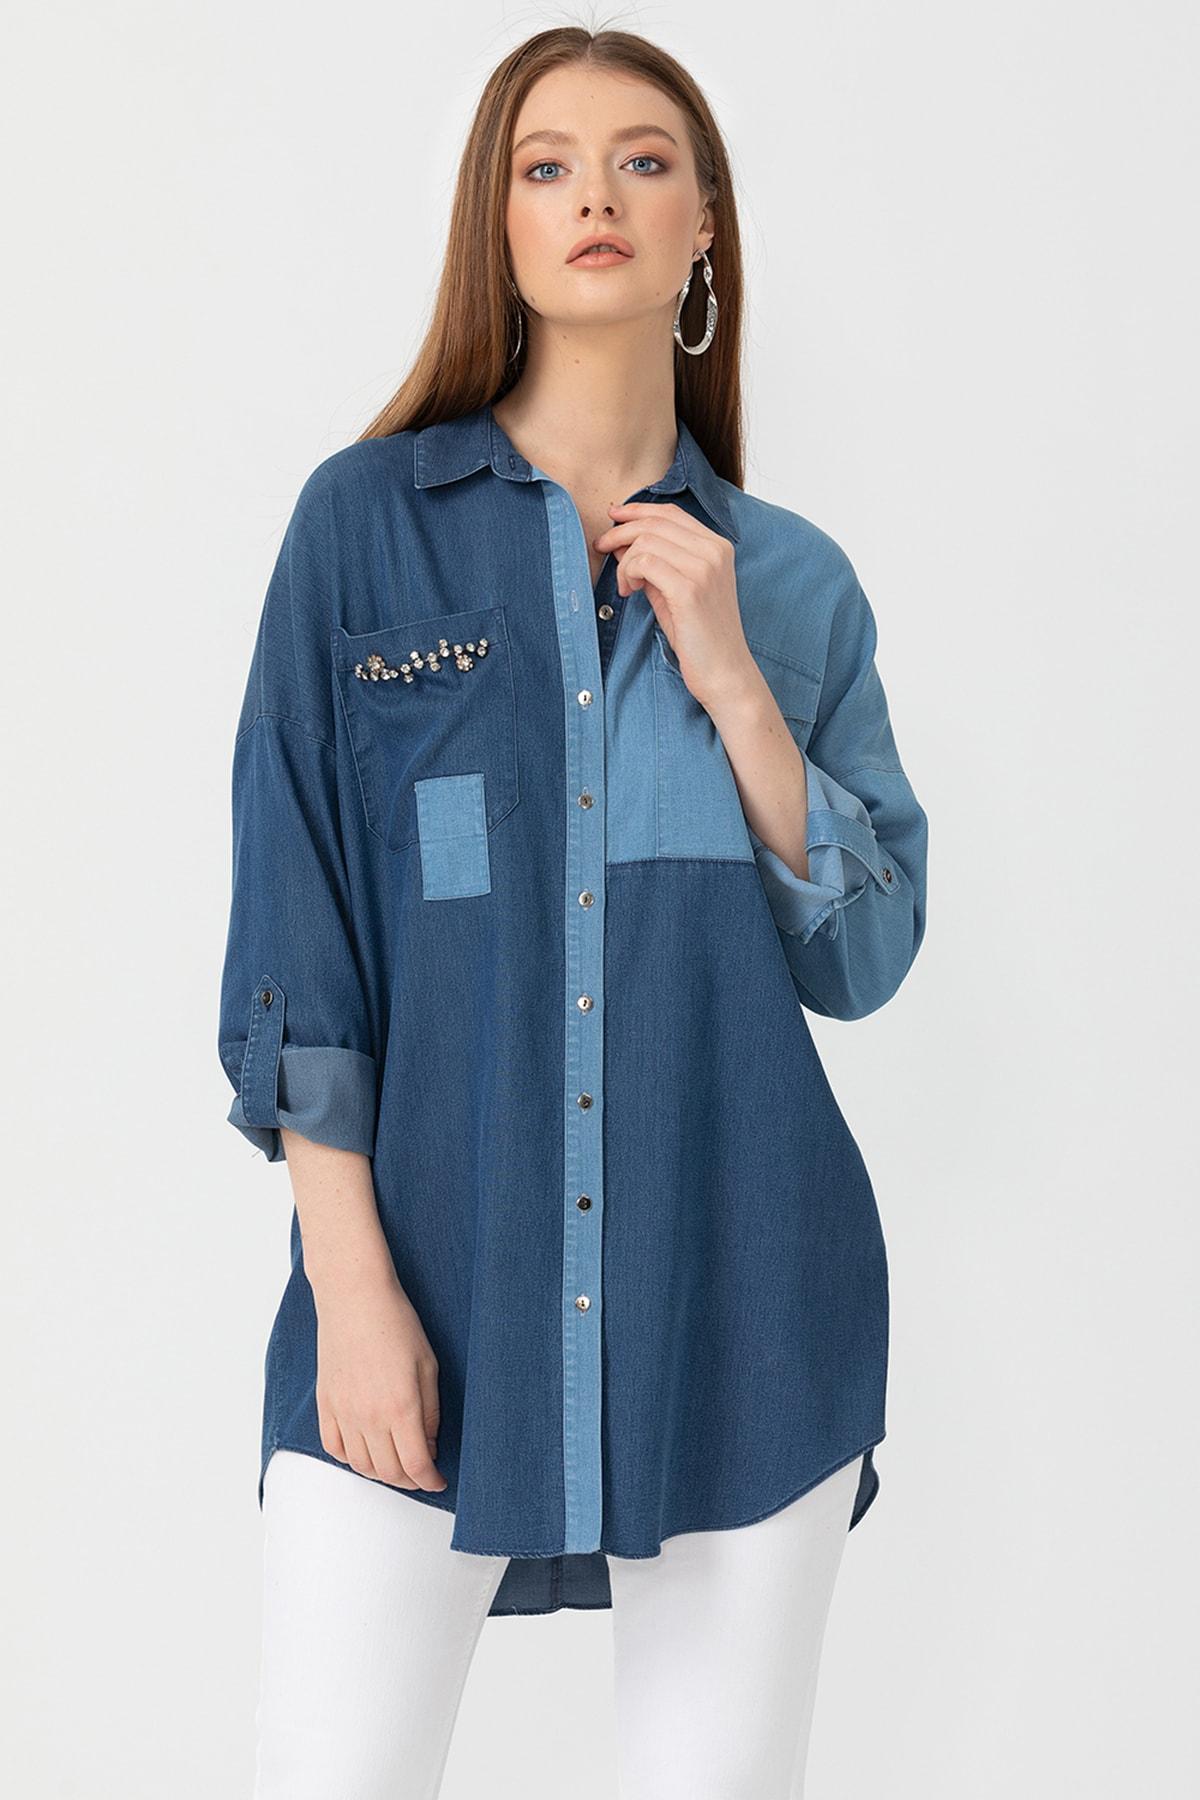 Seçil Kadın İndigo Taş Detaylı Renk Geçişli Denim Gömlek 10100120204245